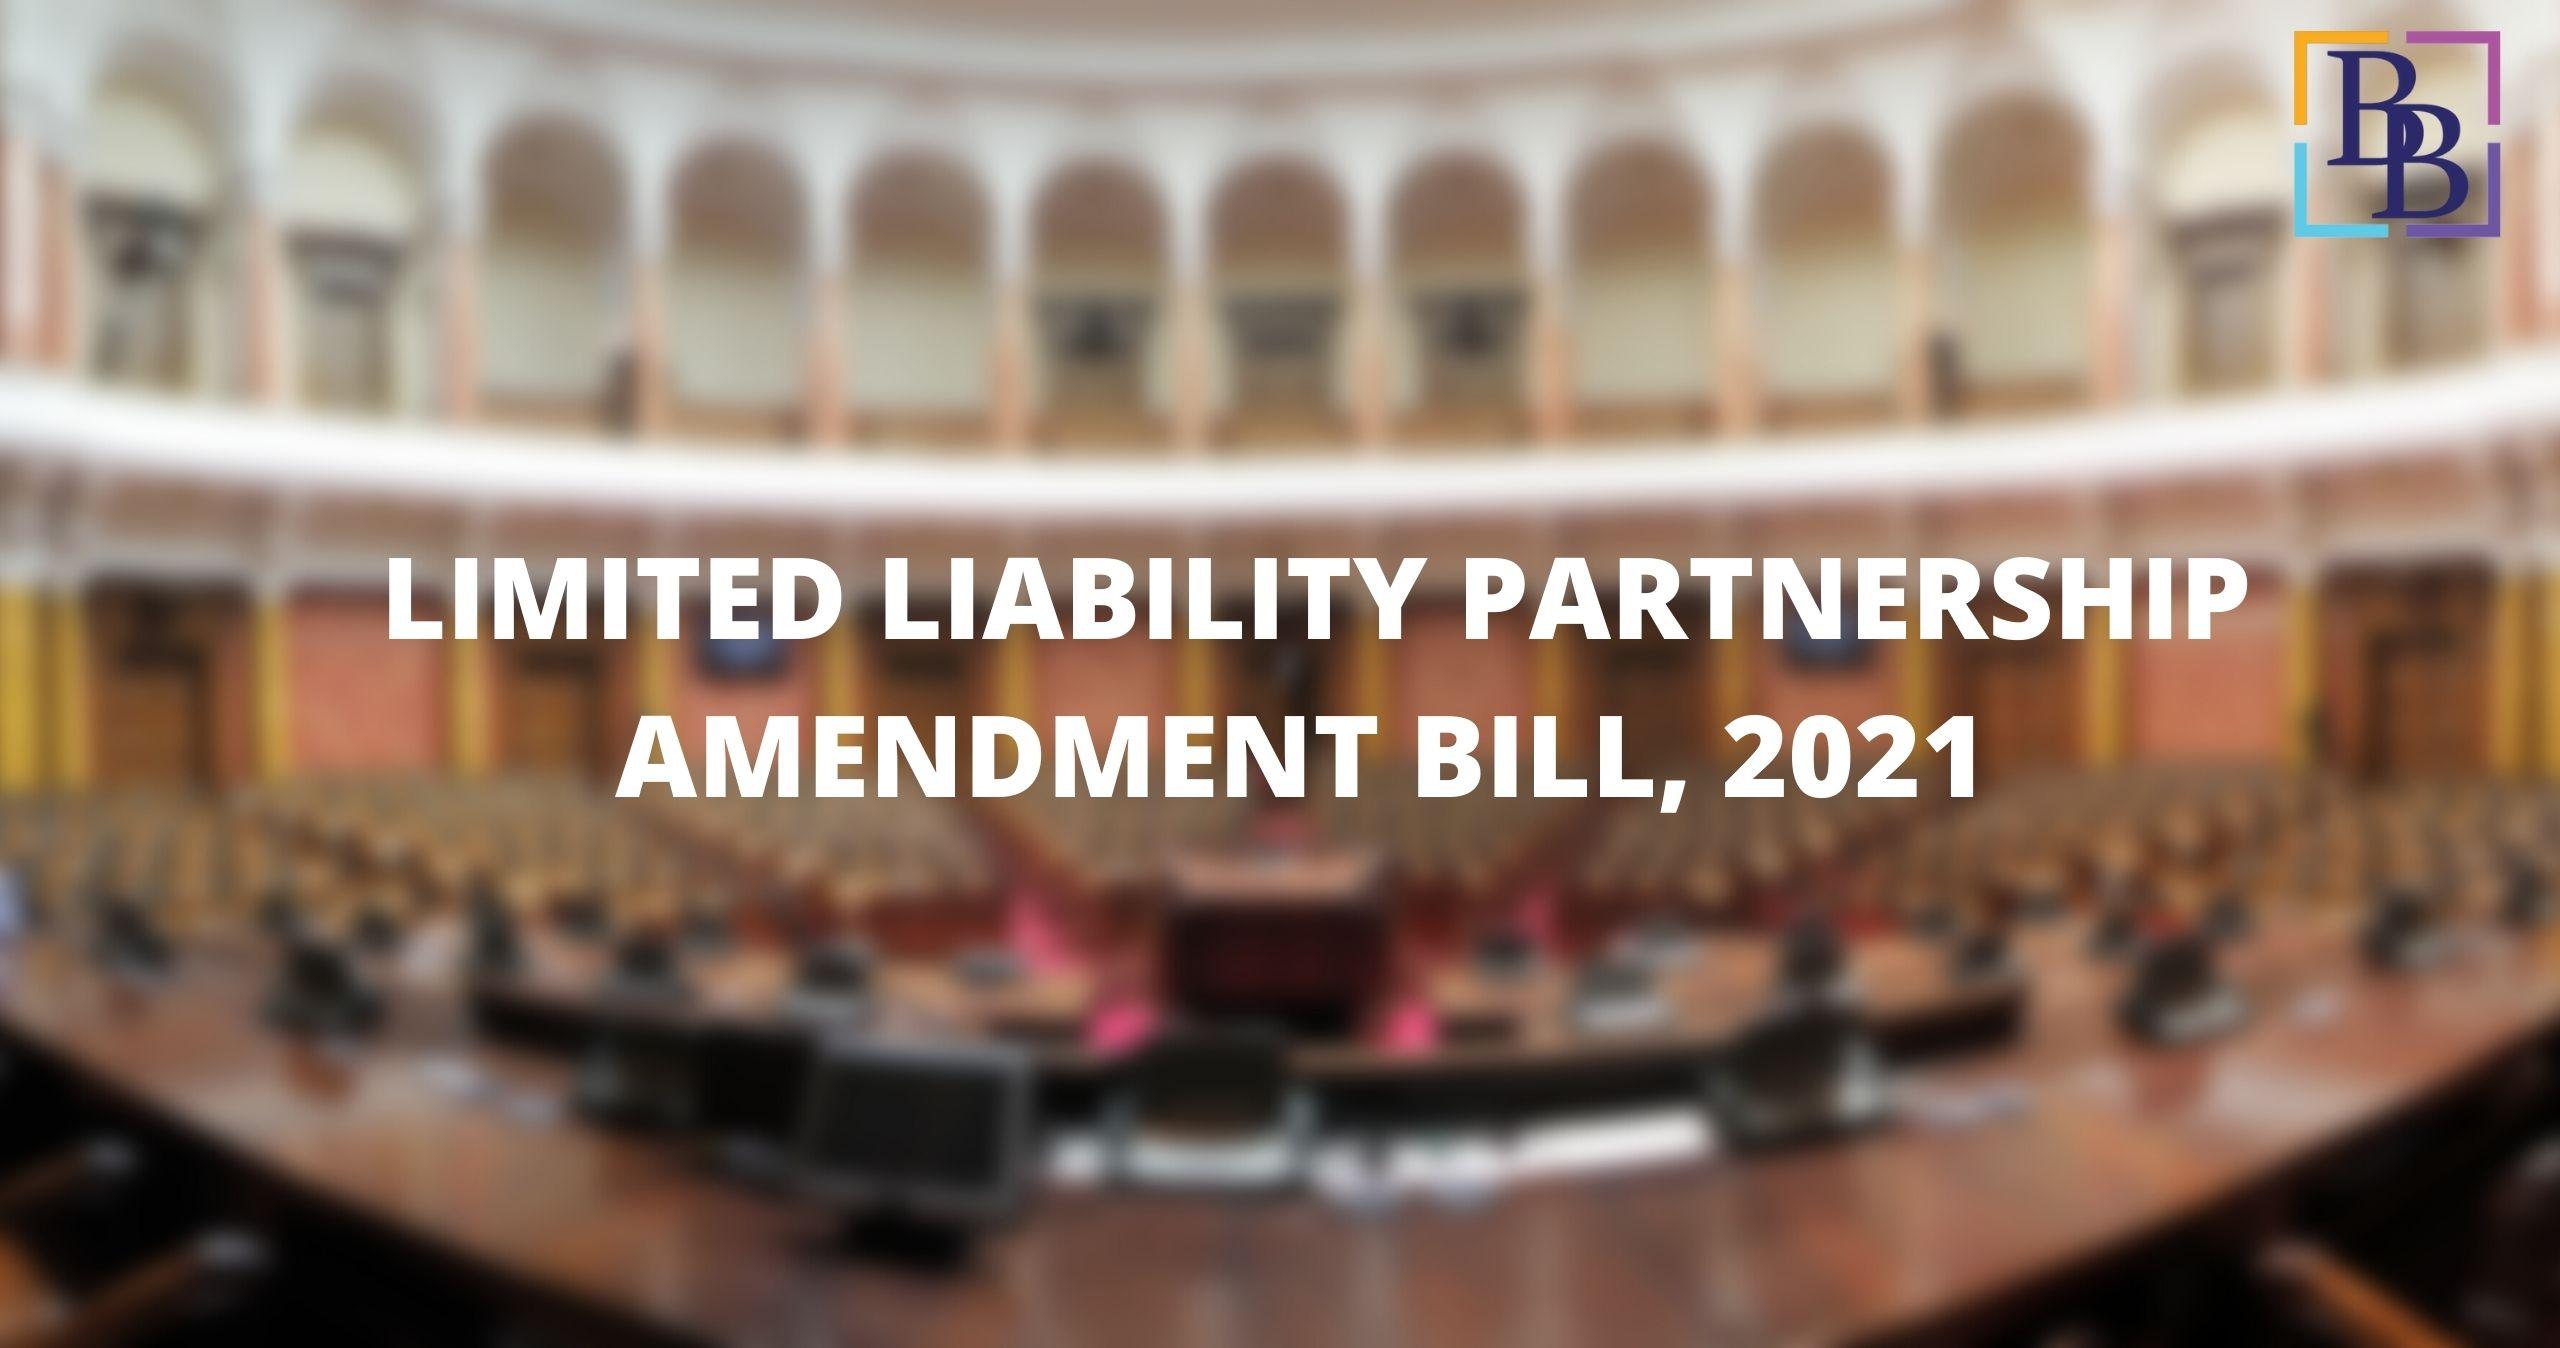 Limited Liability Partnership (LLP) Amendment Bill, 2021